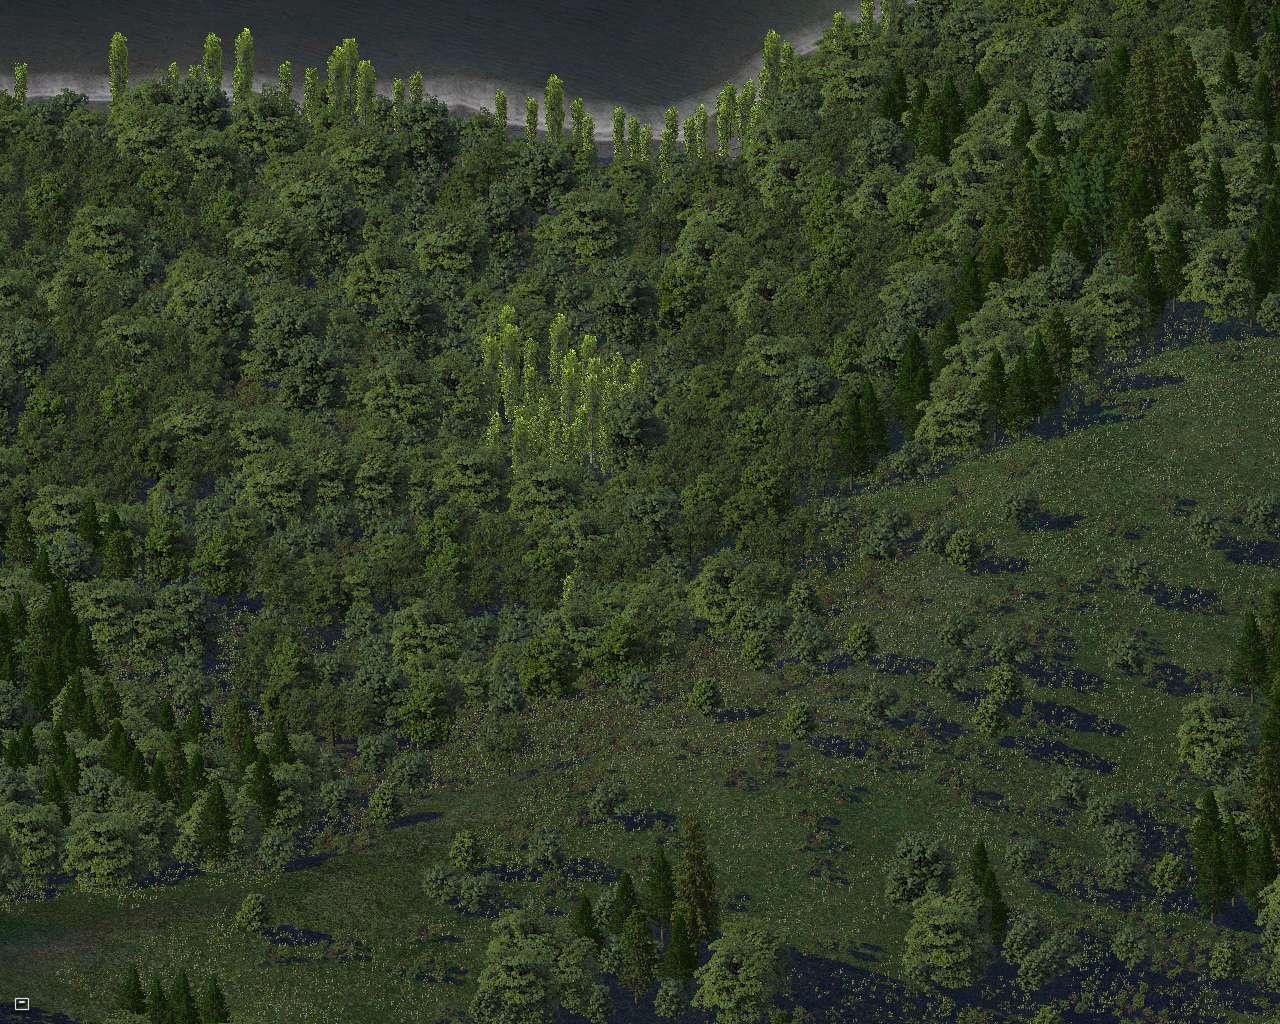 trees4%208.jpg?psid=1